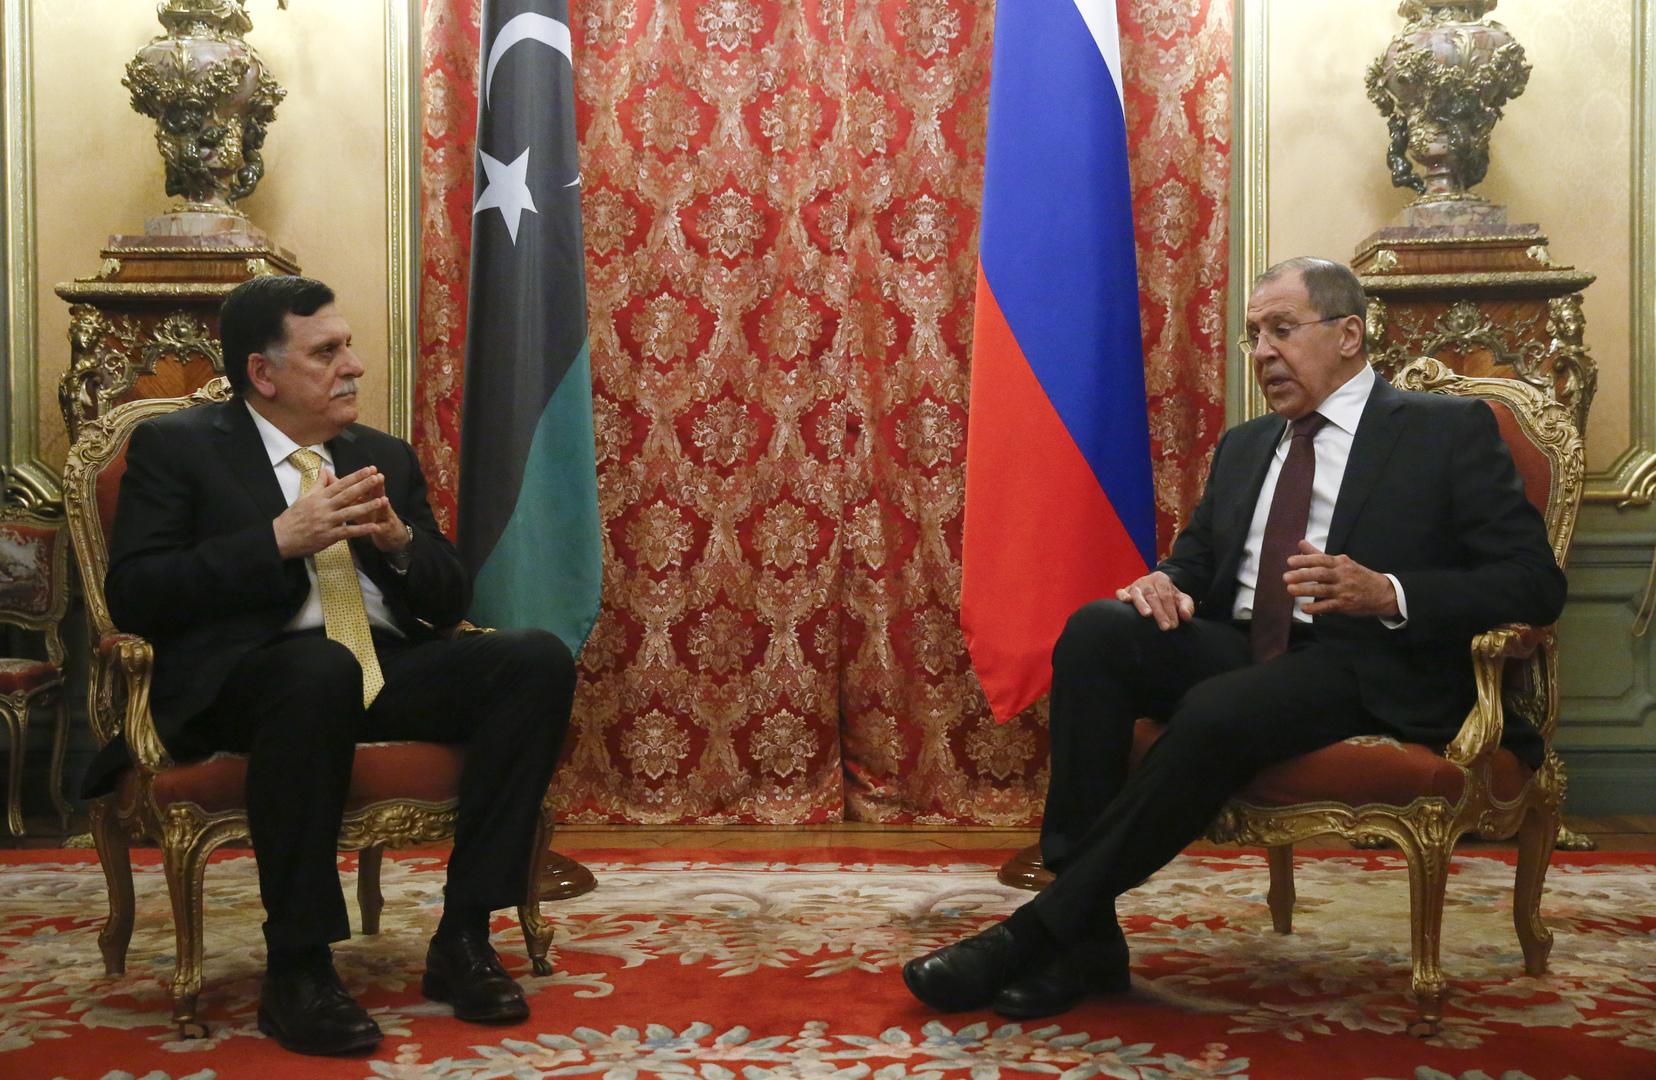 ما حاجة روسيا إلى ليبيا؟